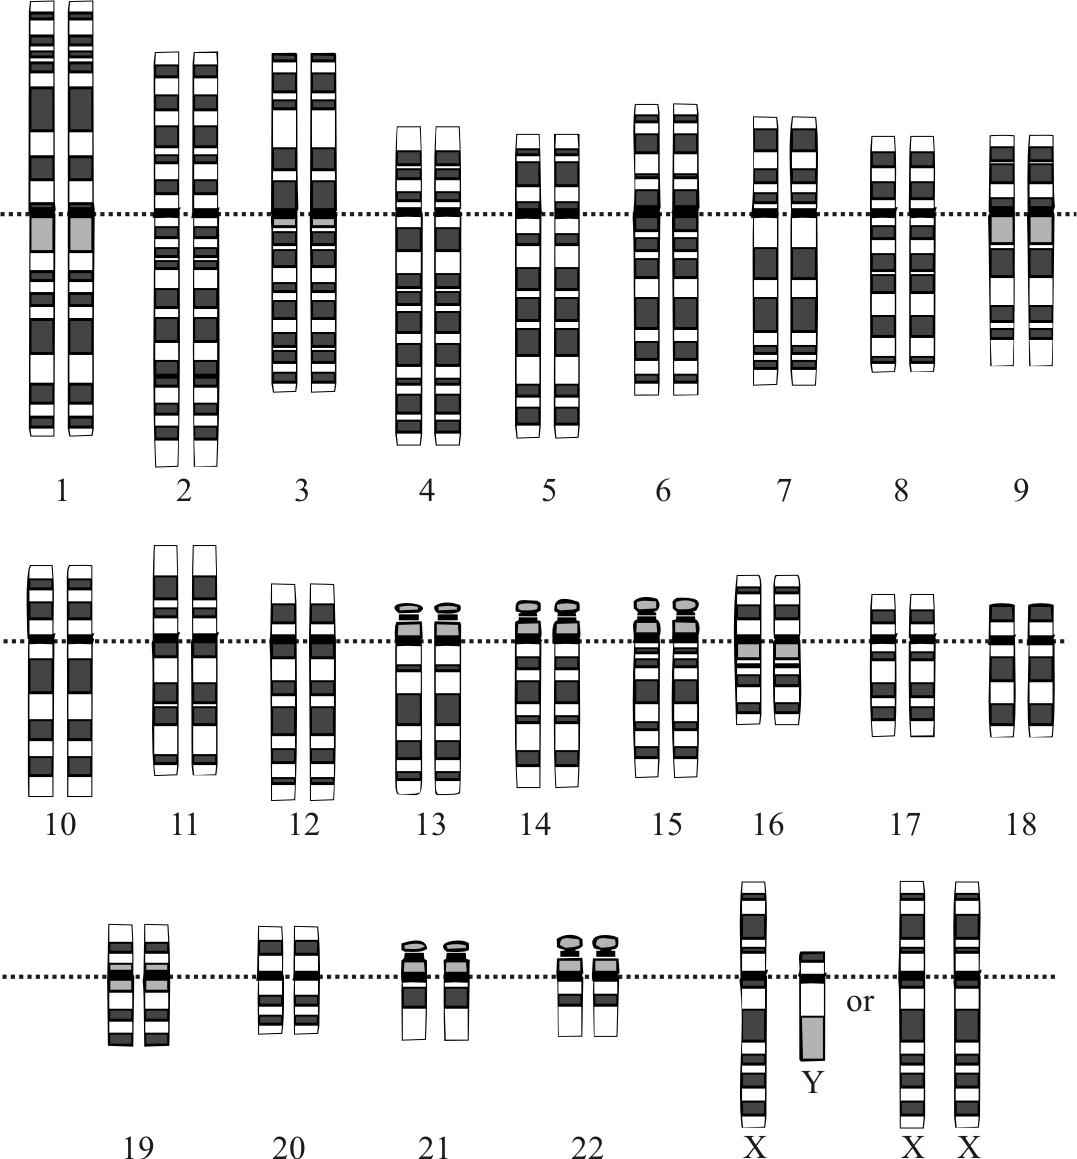 Введение в геномику для программистов - 1